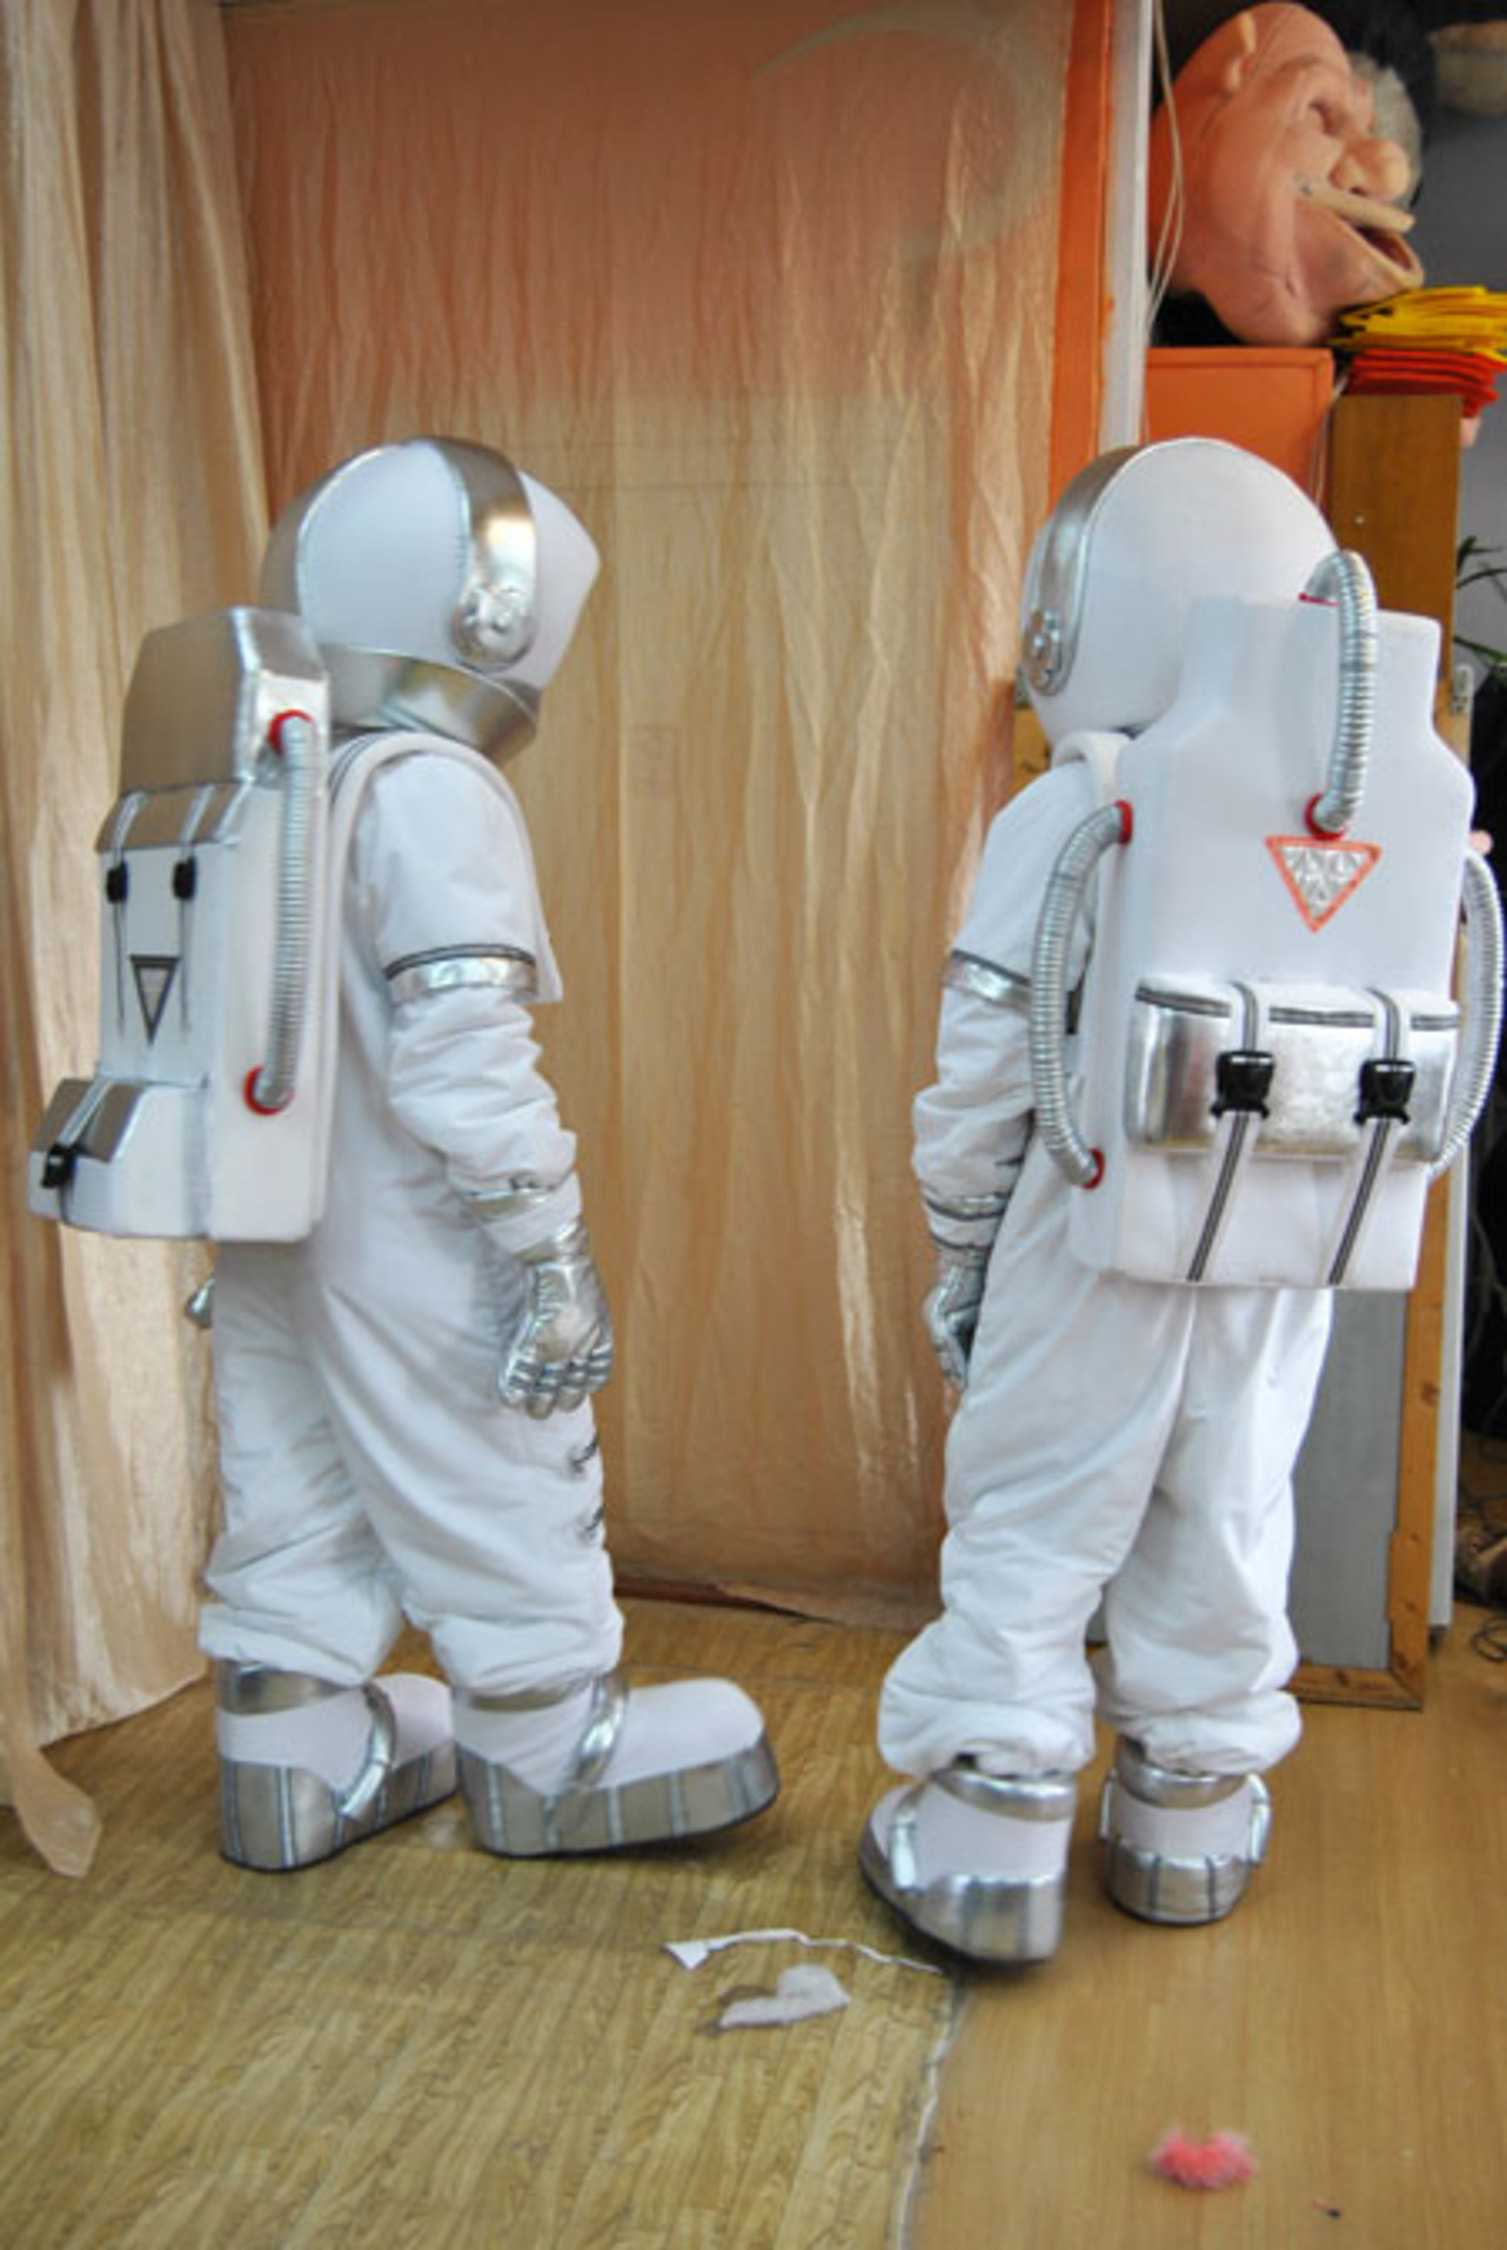 Космонавт костюм своими руками фото